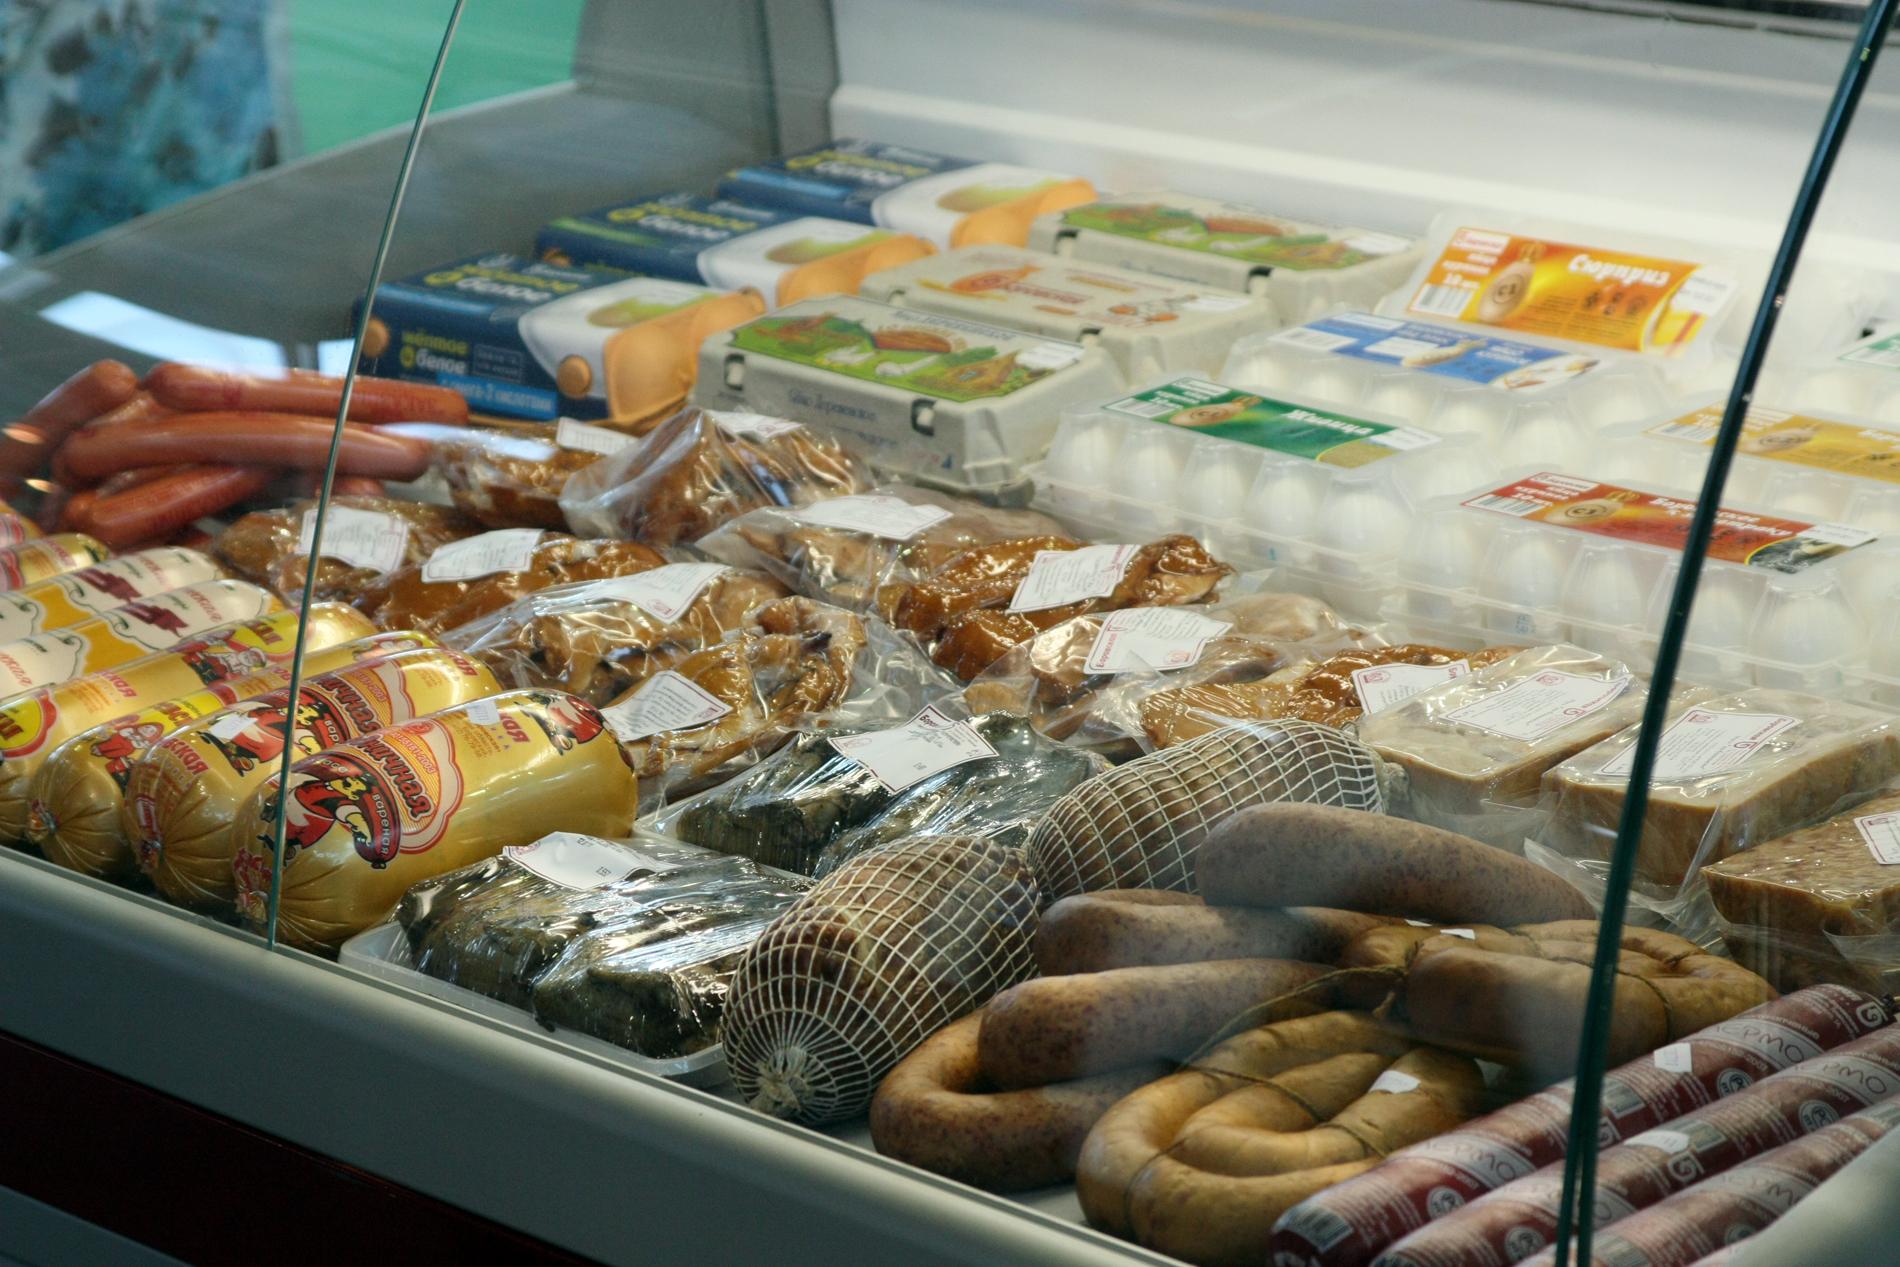 Госдума «выделила» россиянам 100 кг картошки и 290 литров молока в год